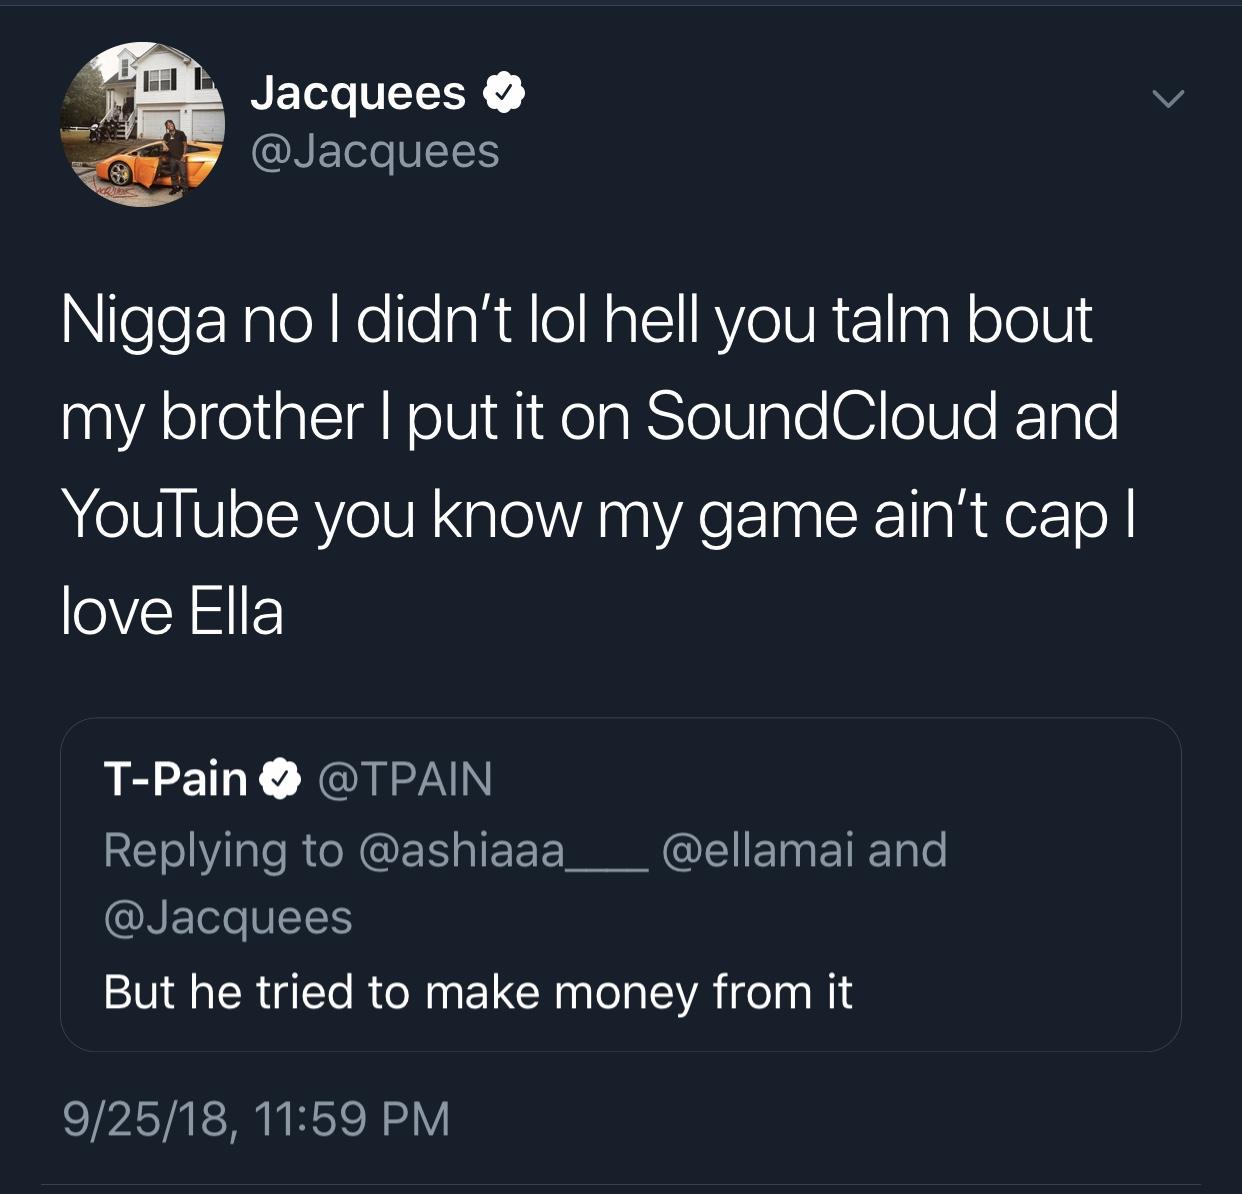 jacquees trip soundcloud